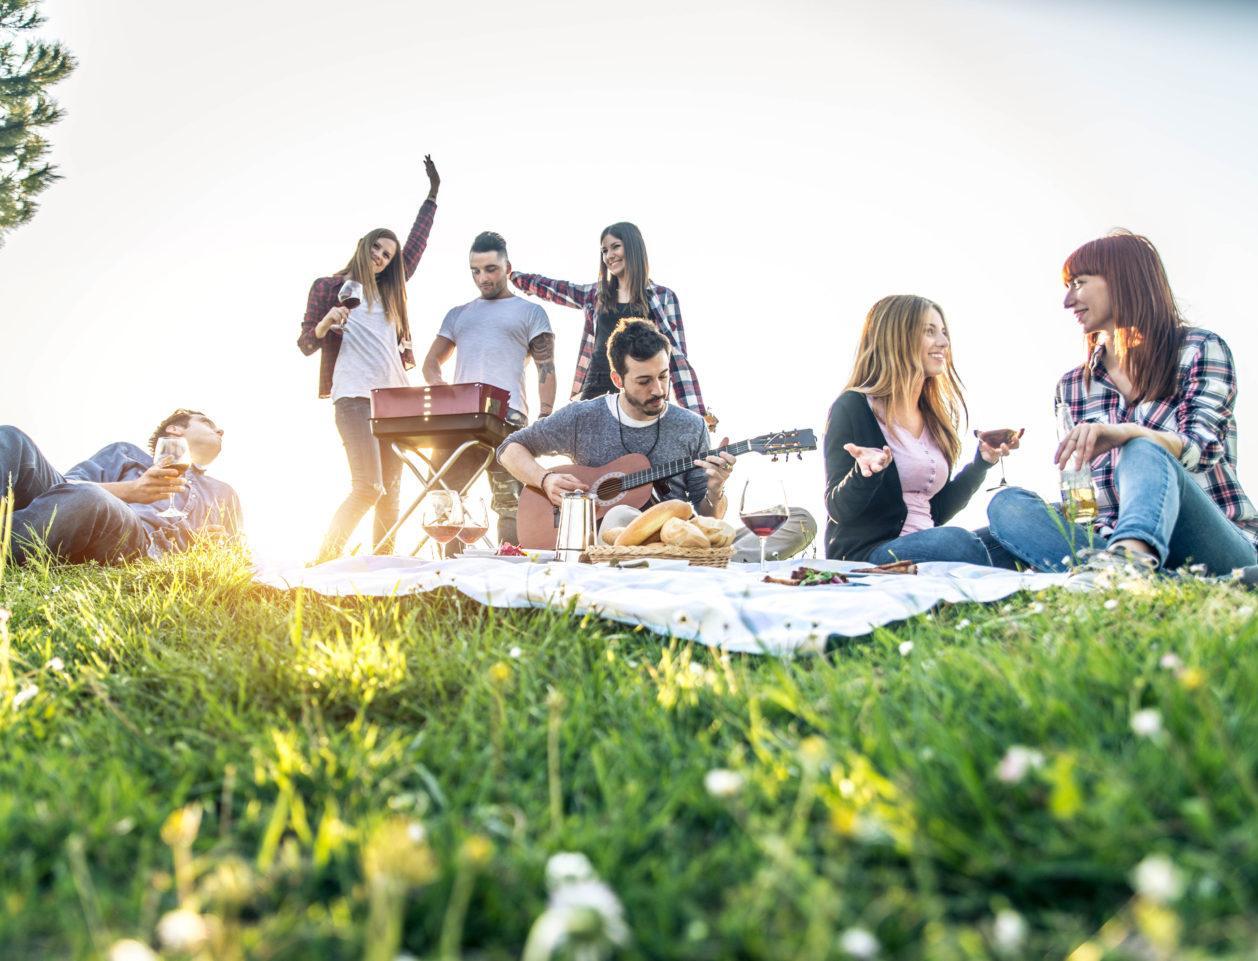 ЭкоЛето: 7 правил экологичного пикника